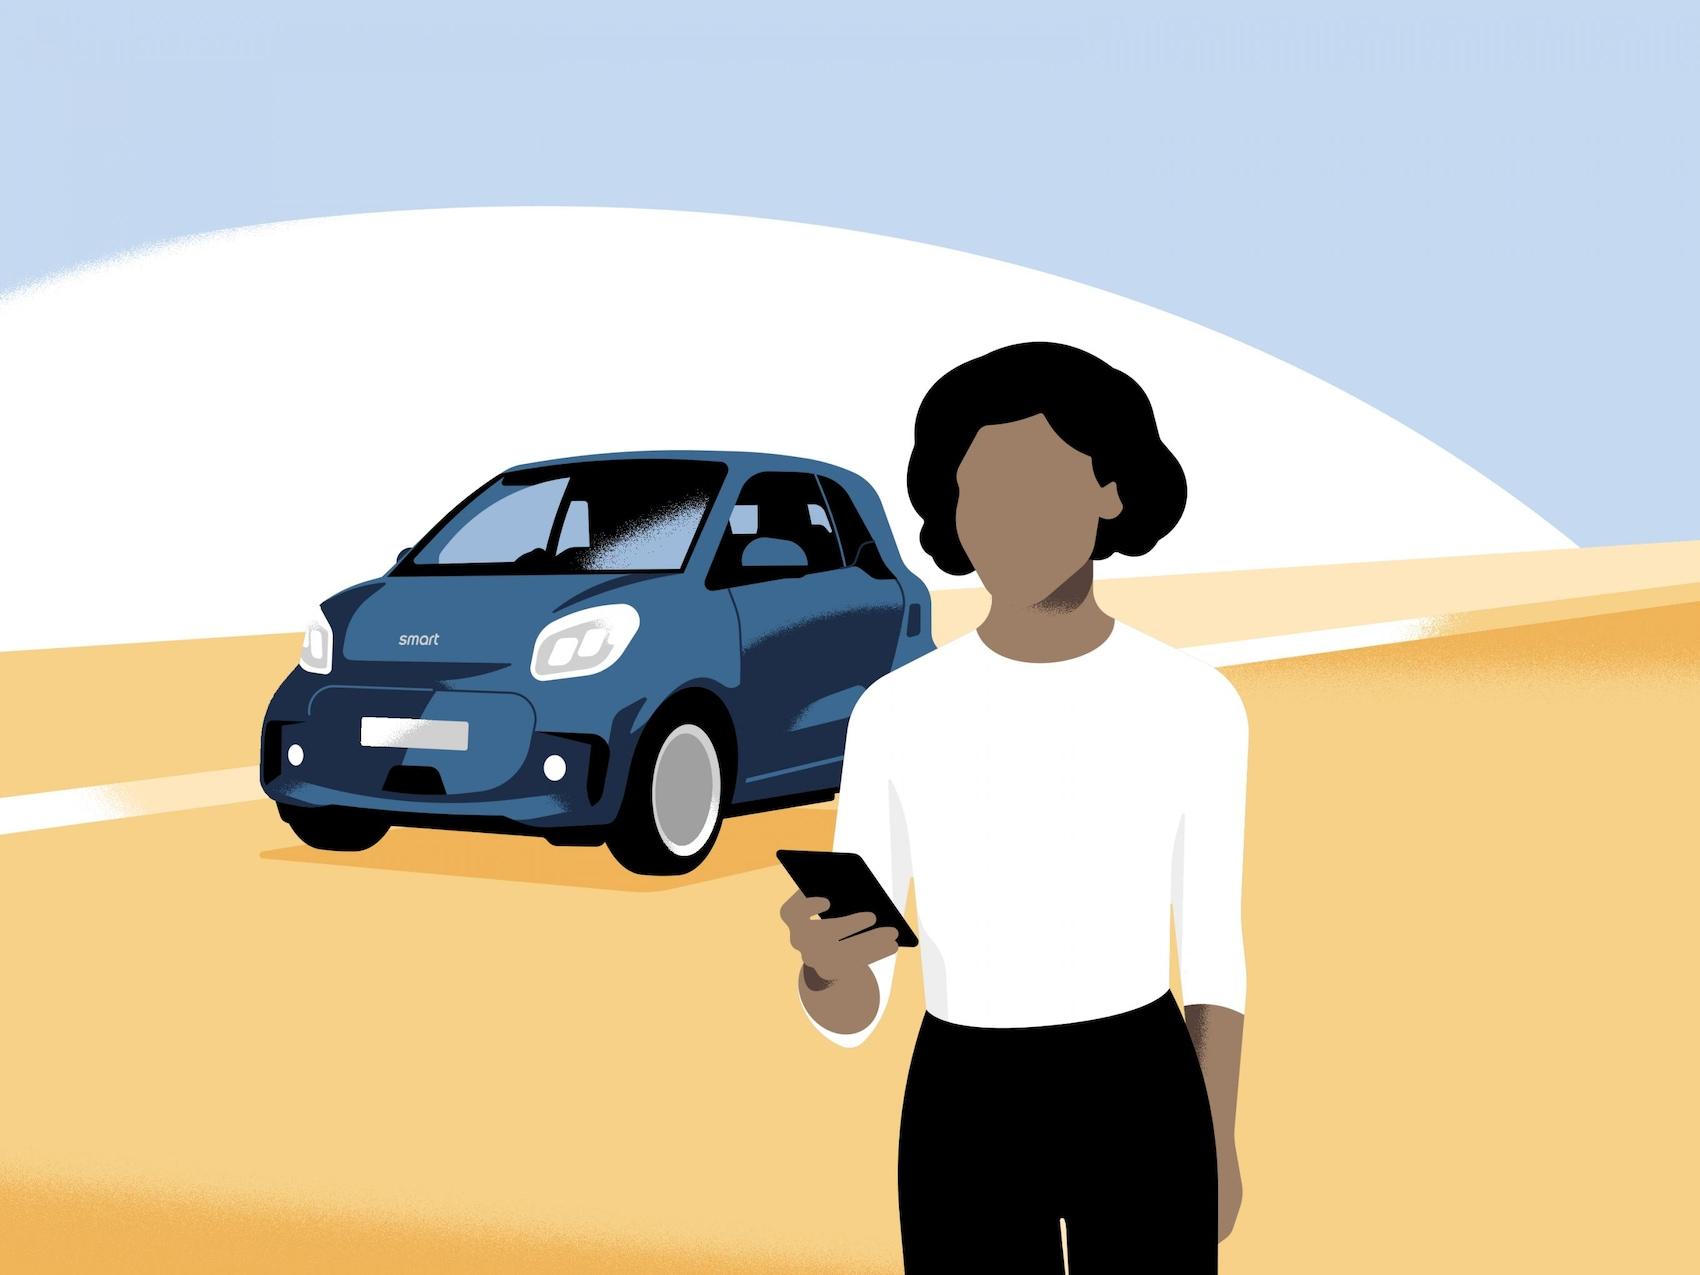 Femme avec téléphone portable dans la main devant une smart